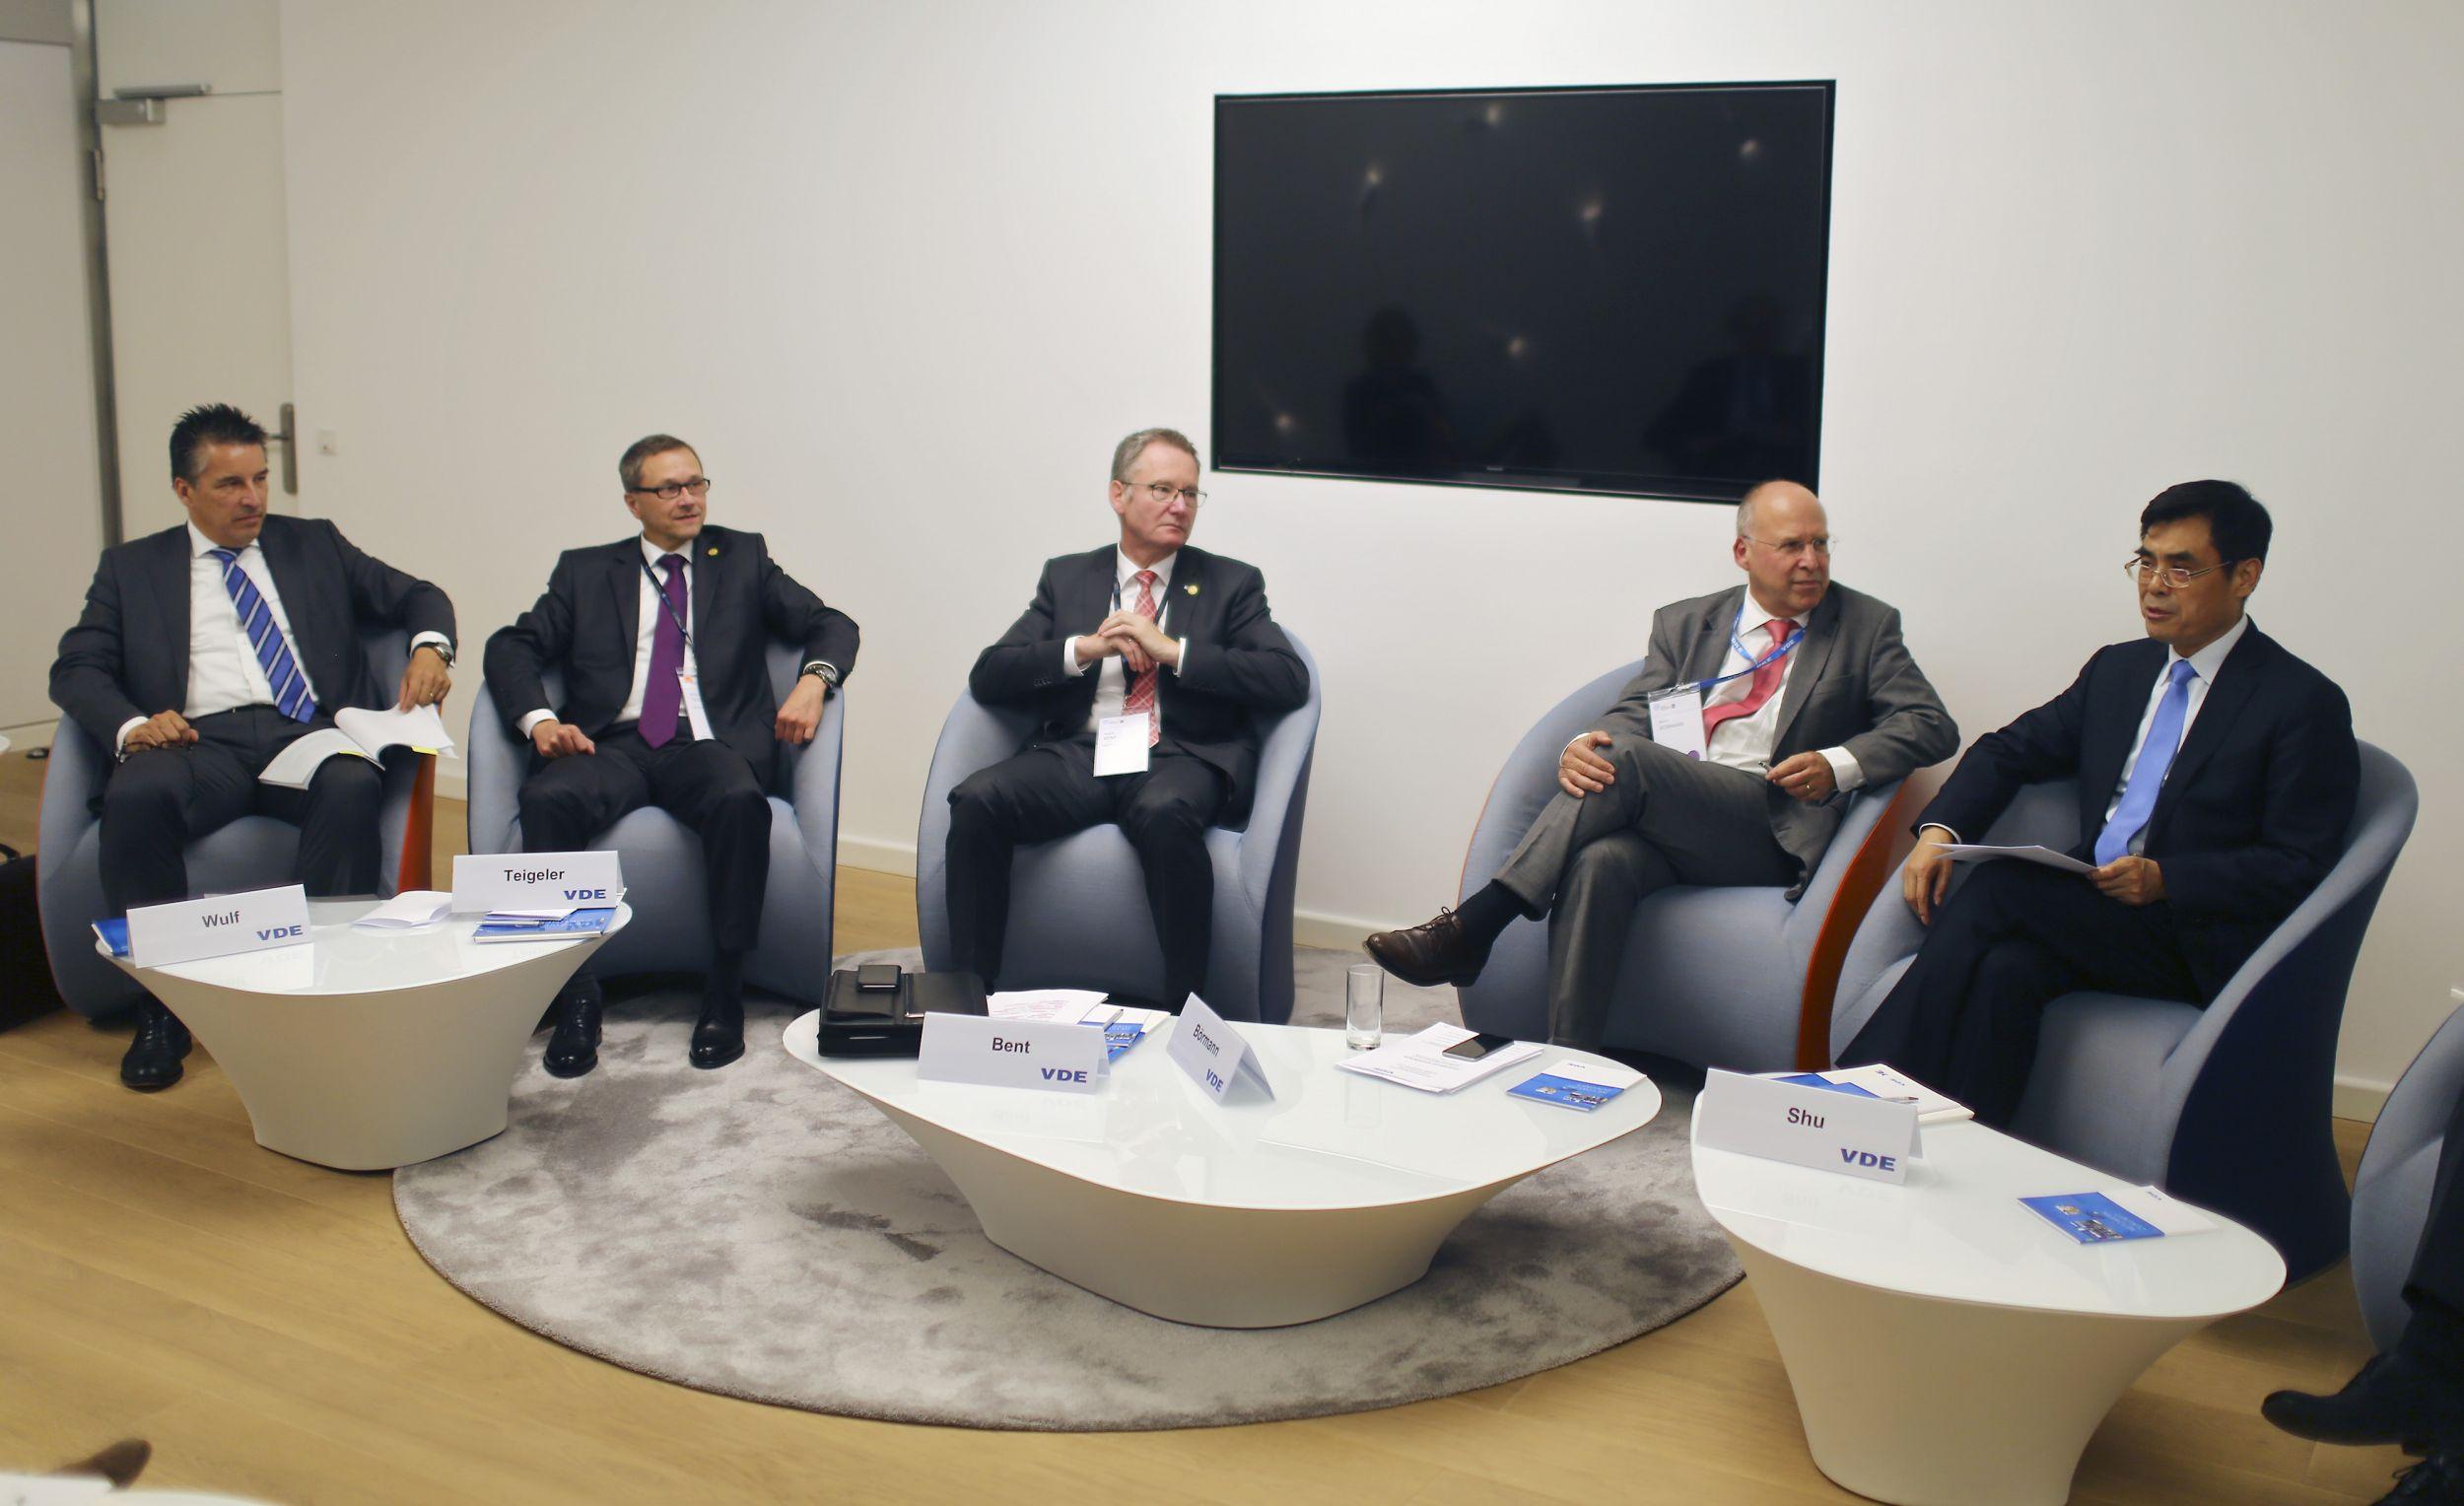 IEC-Weltkongress stellt Weichen für die digitale Transformation